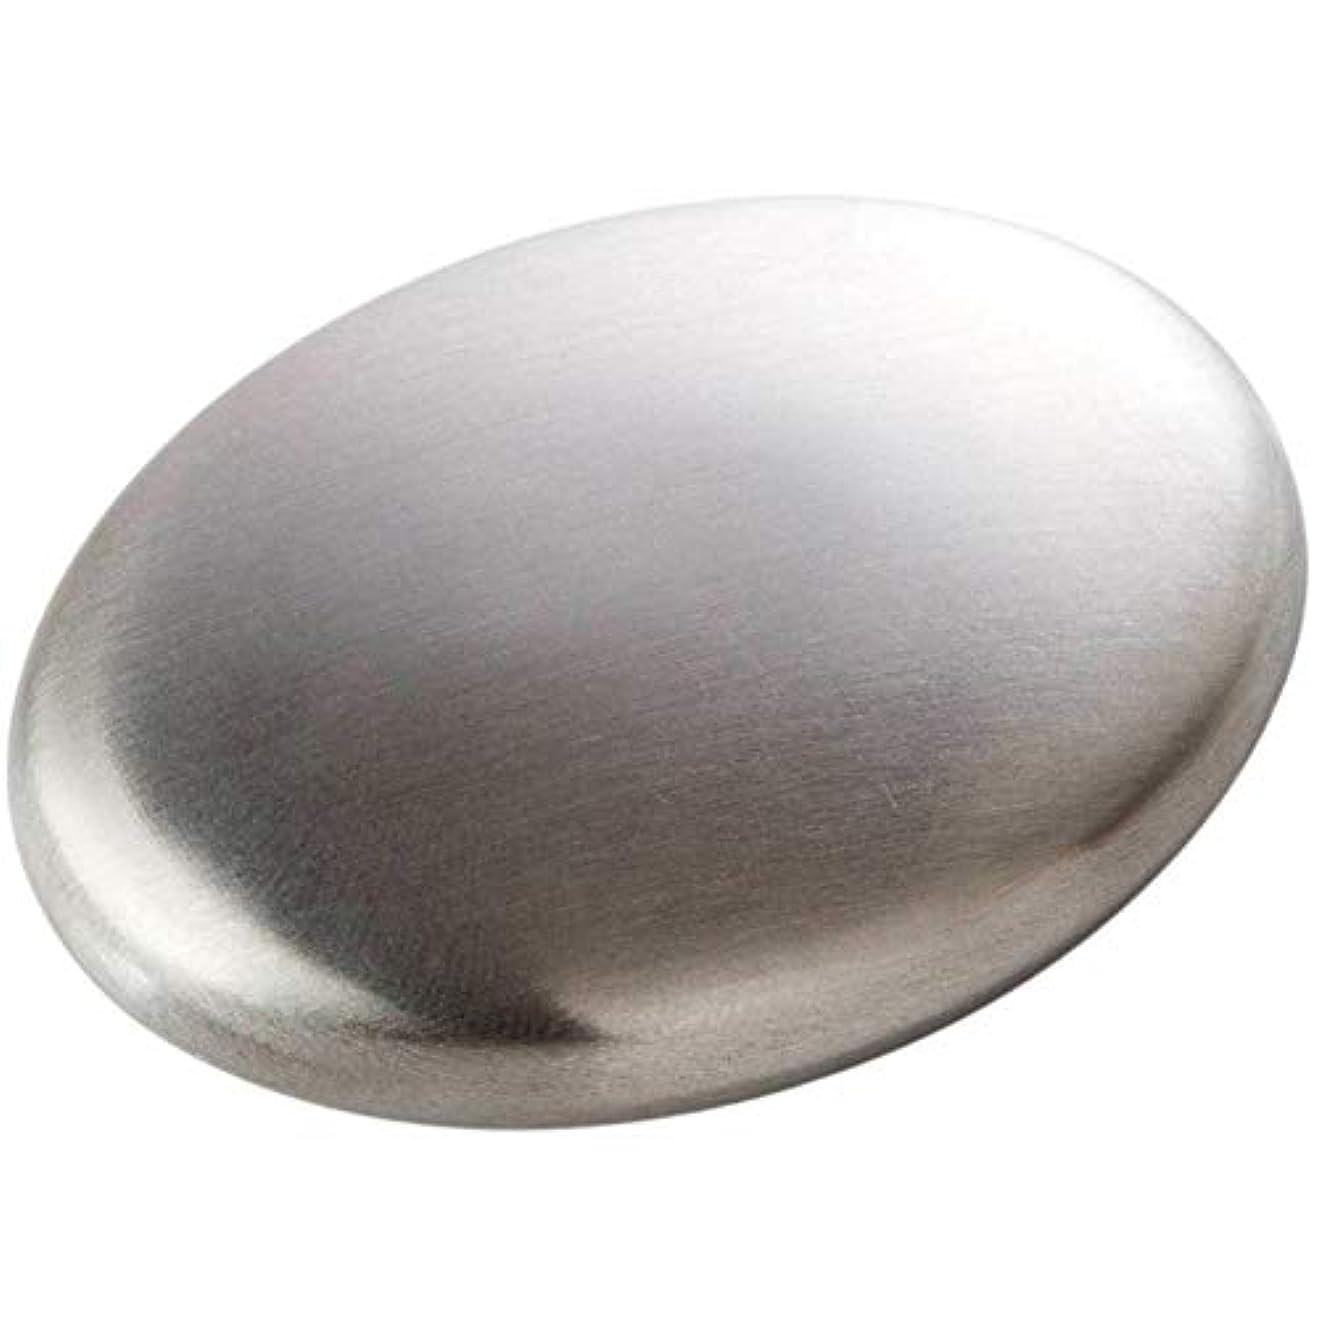 癌ムス洞察力せっけん ステンレス鋼 消臭 石鹸 にんにくと魚のような臭いを取り除き ステンレス鋼 臭気除去剤 匂い除去剤 最新型 人気 実用的 Cutelove